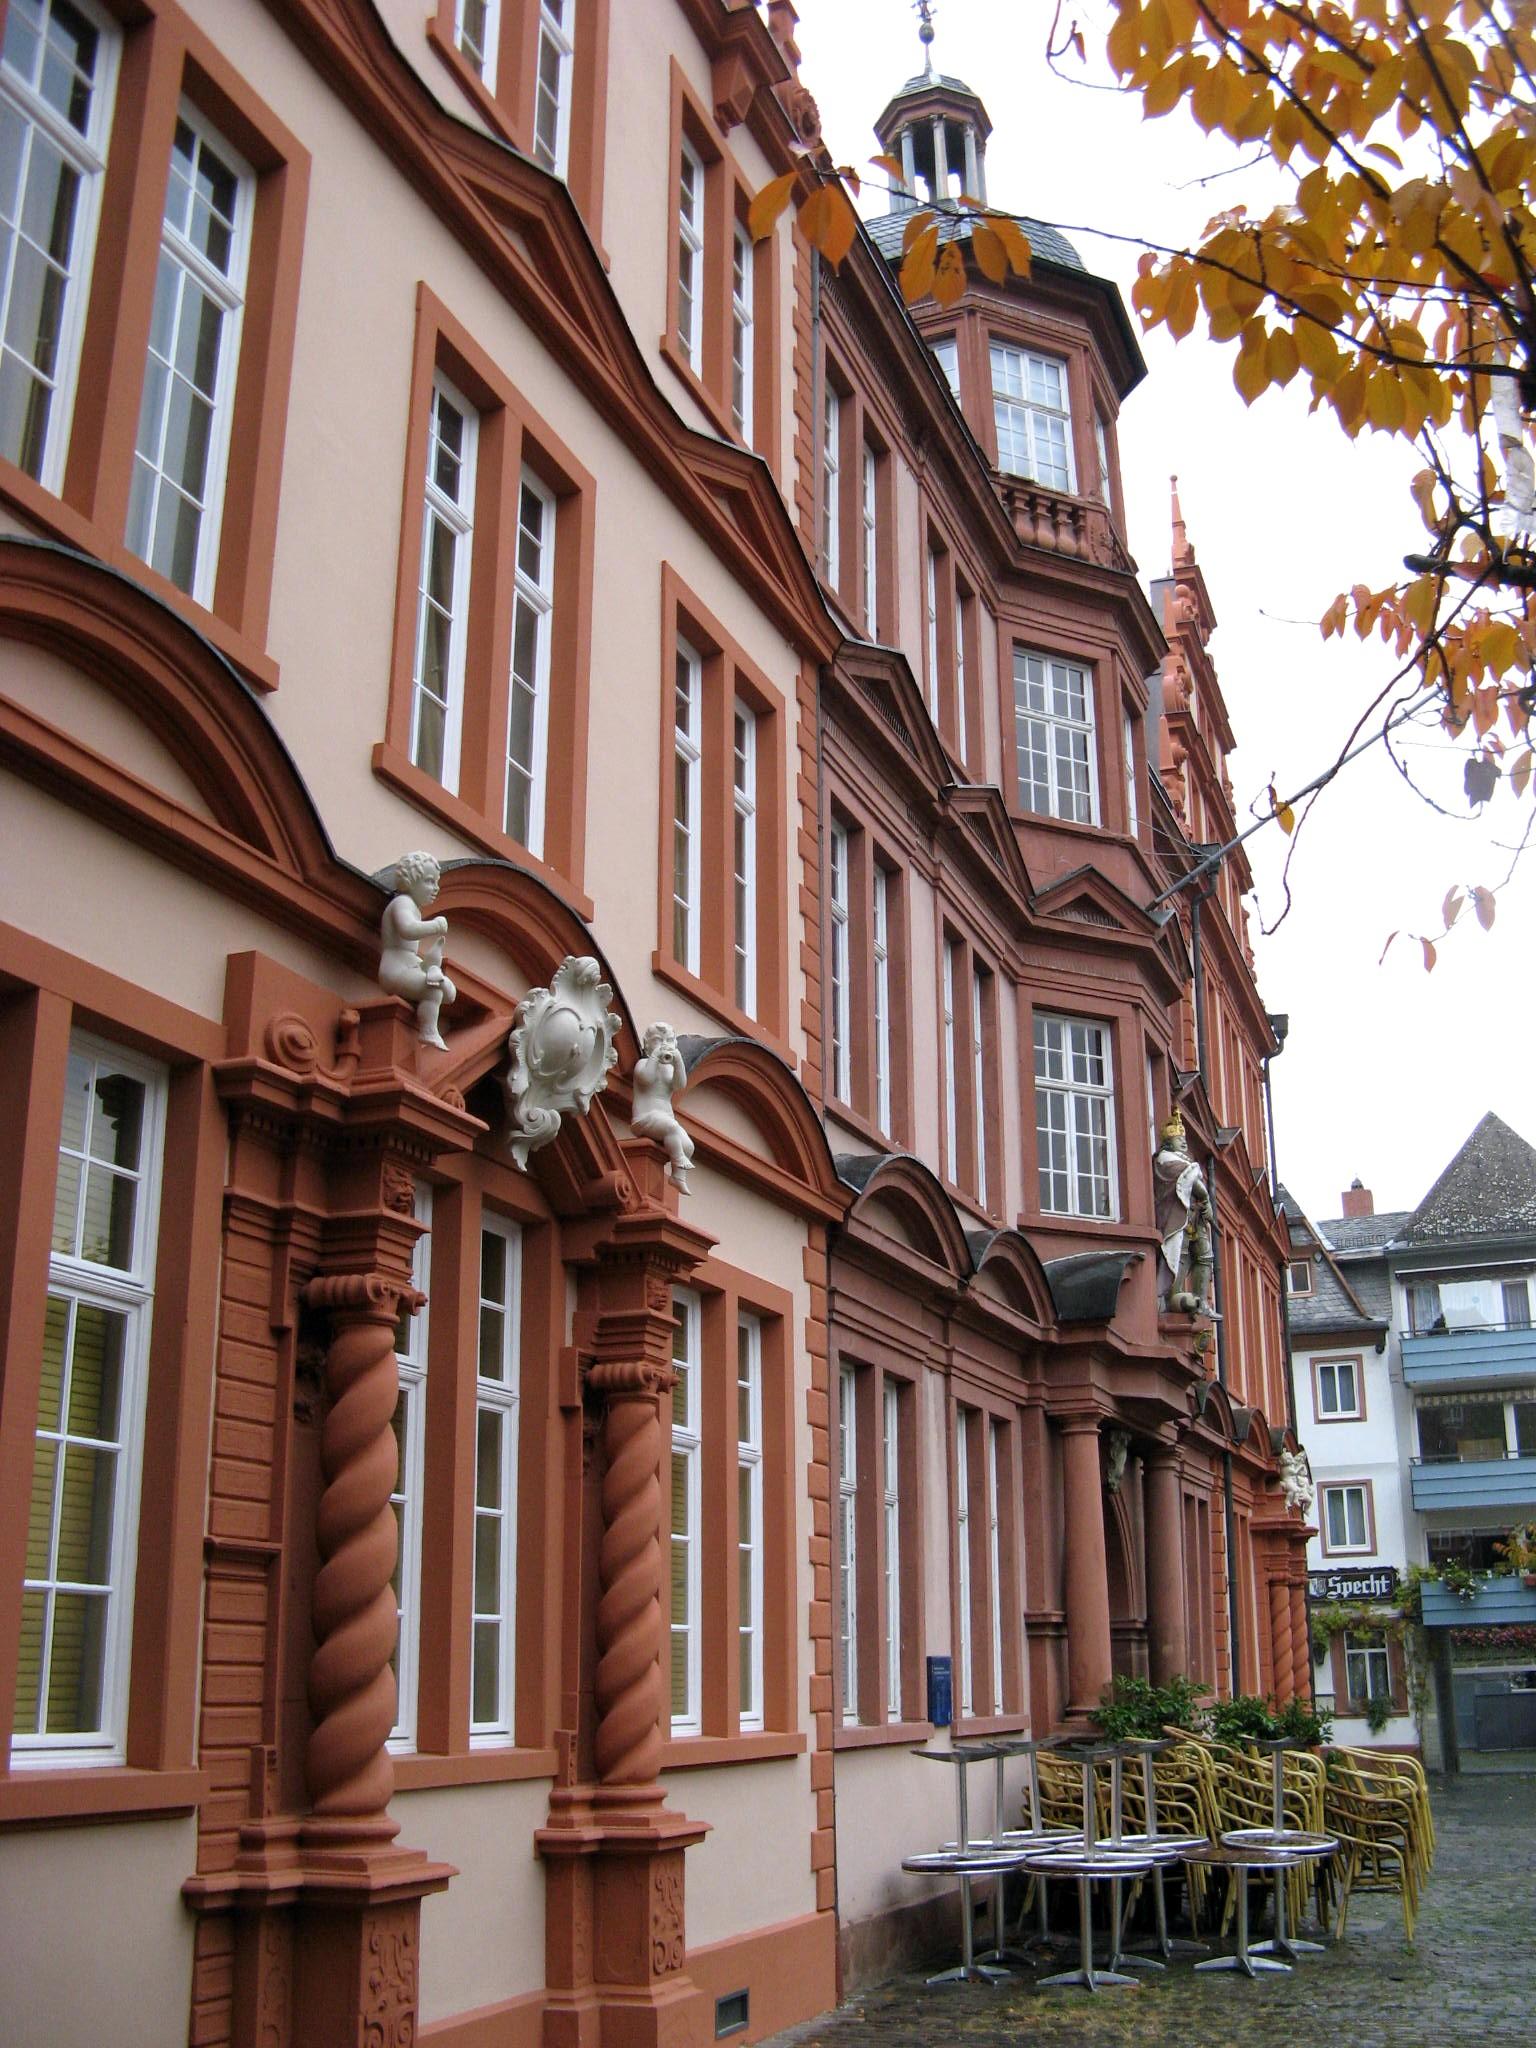 Older part of the Gutenberg Museum in the Zum Römischen Kaiser house, Mainz